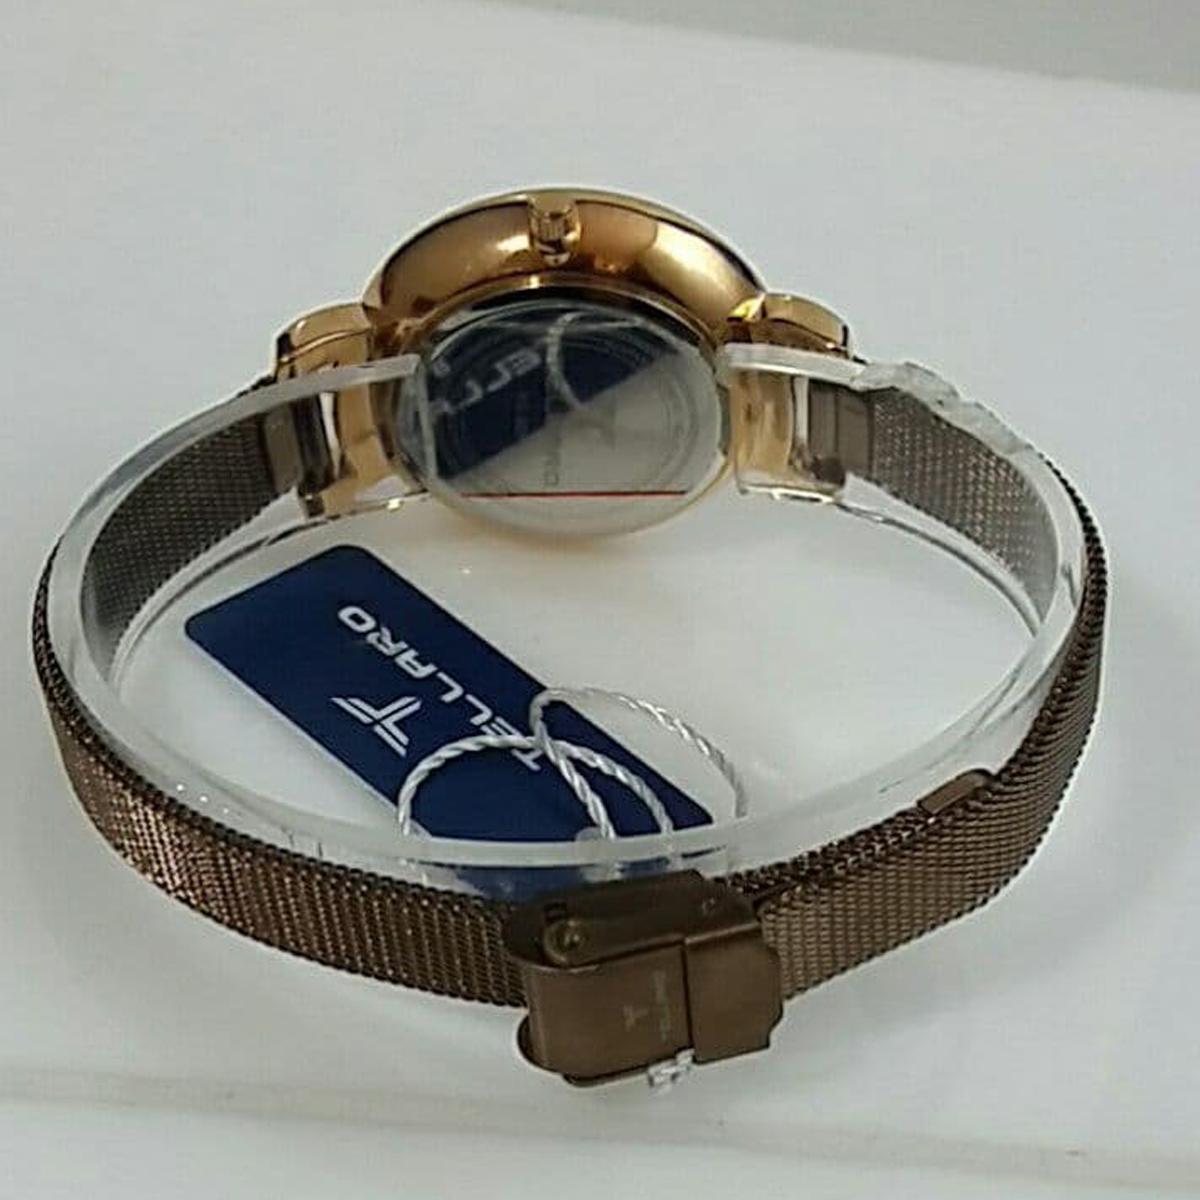 خرید و قیمت                      ساعت مچی  زنانه مدل T3001LM9494